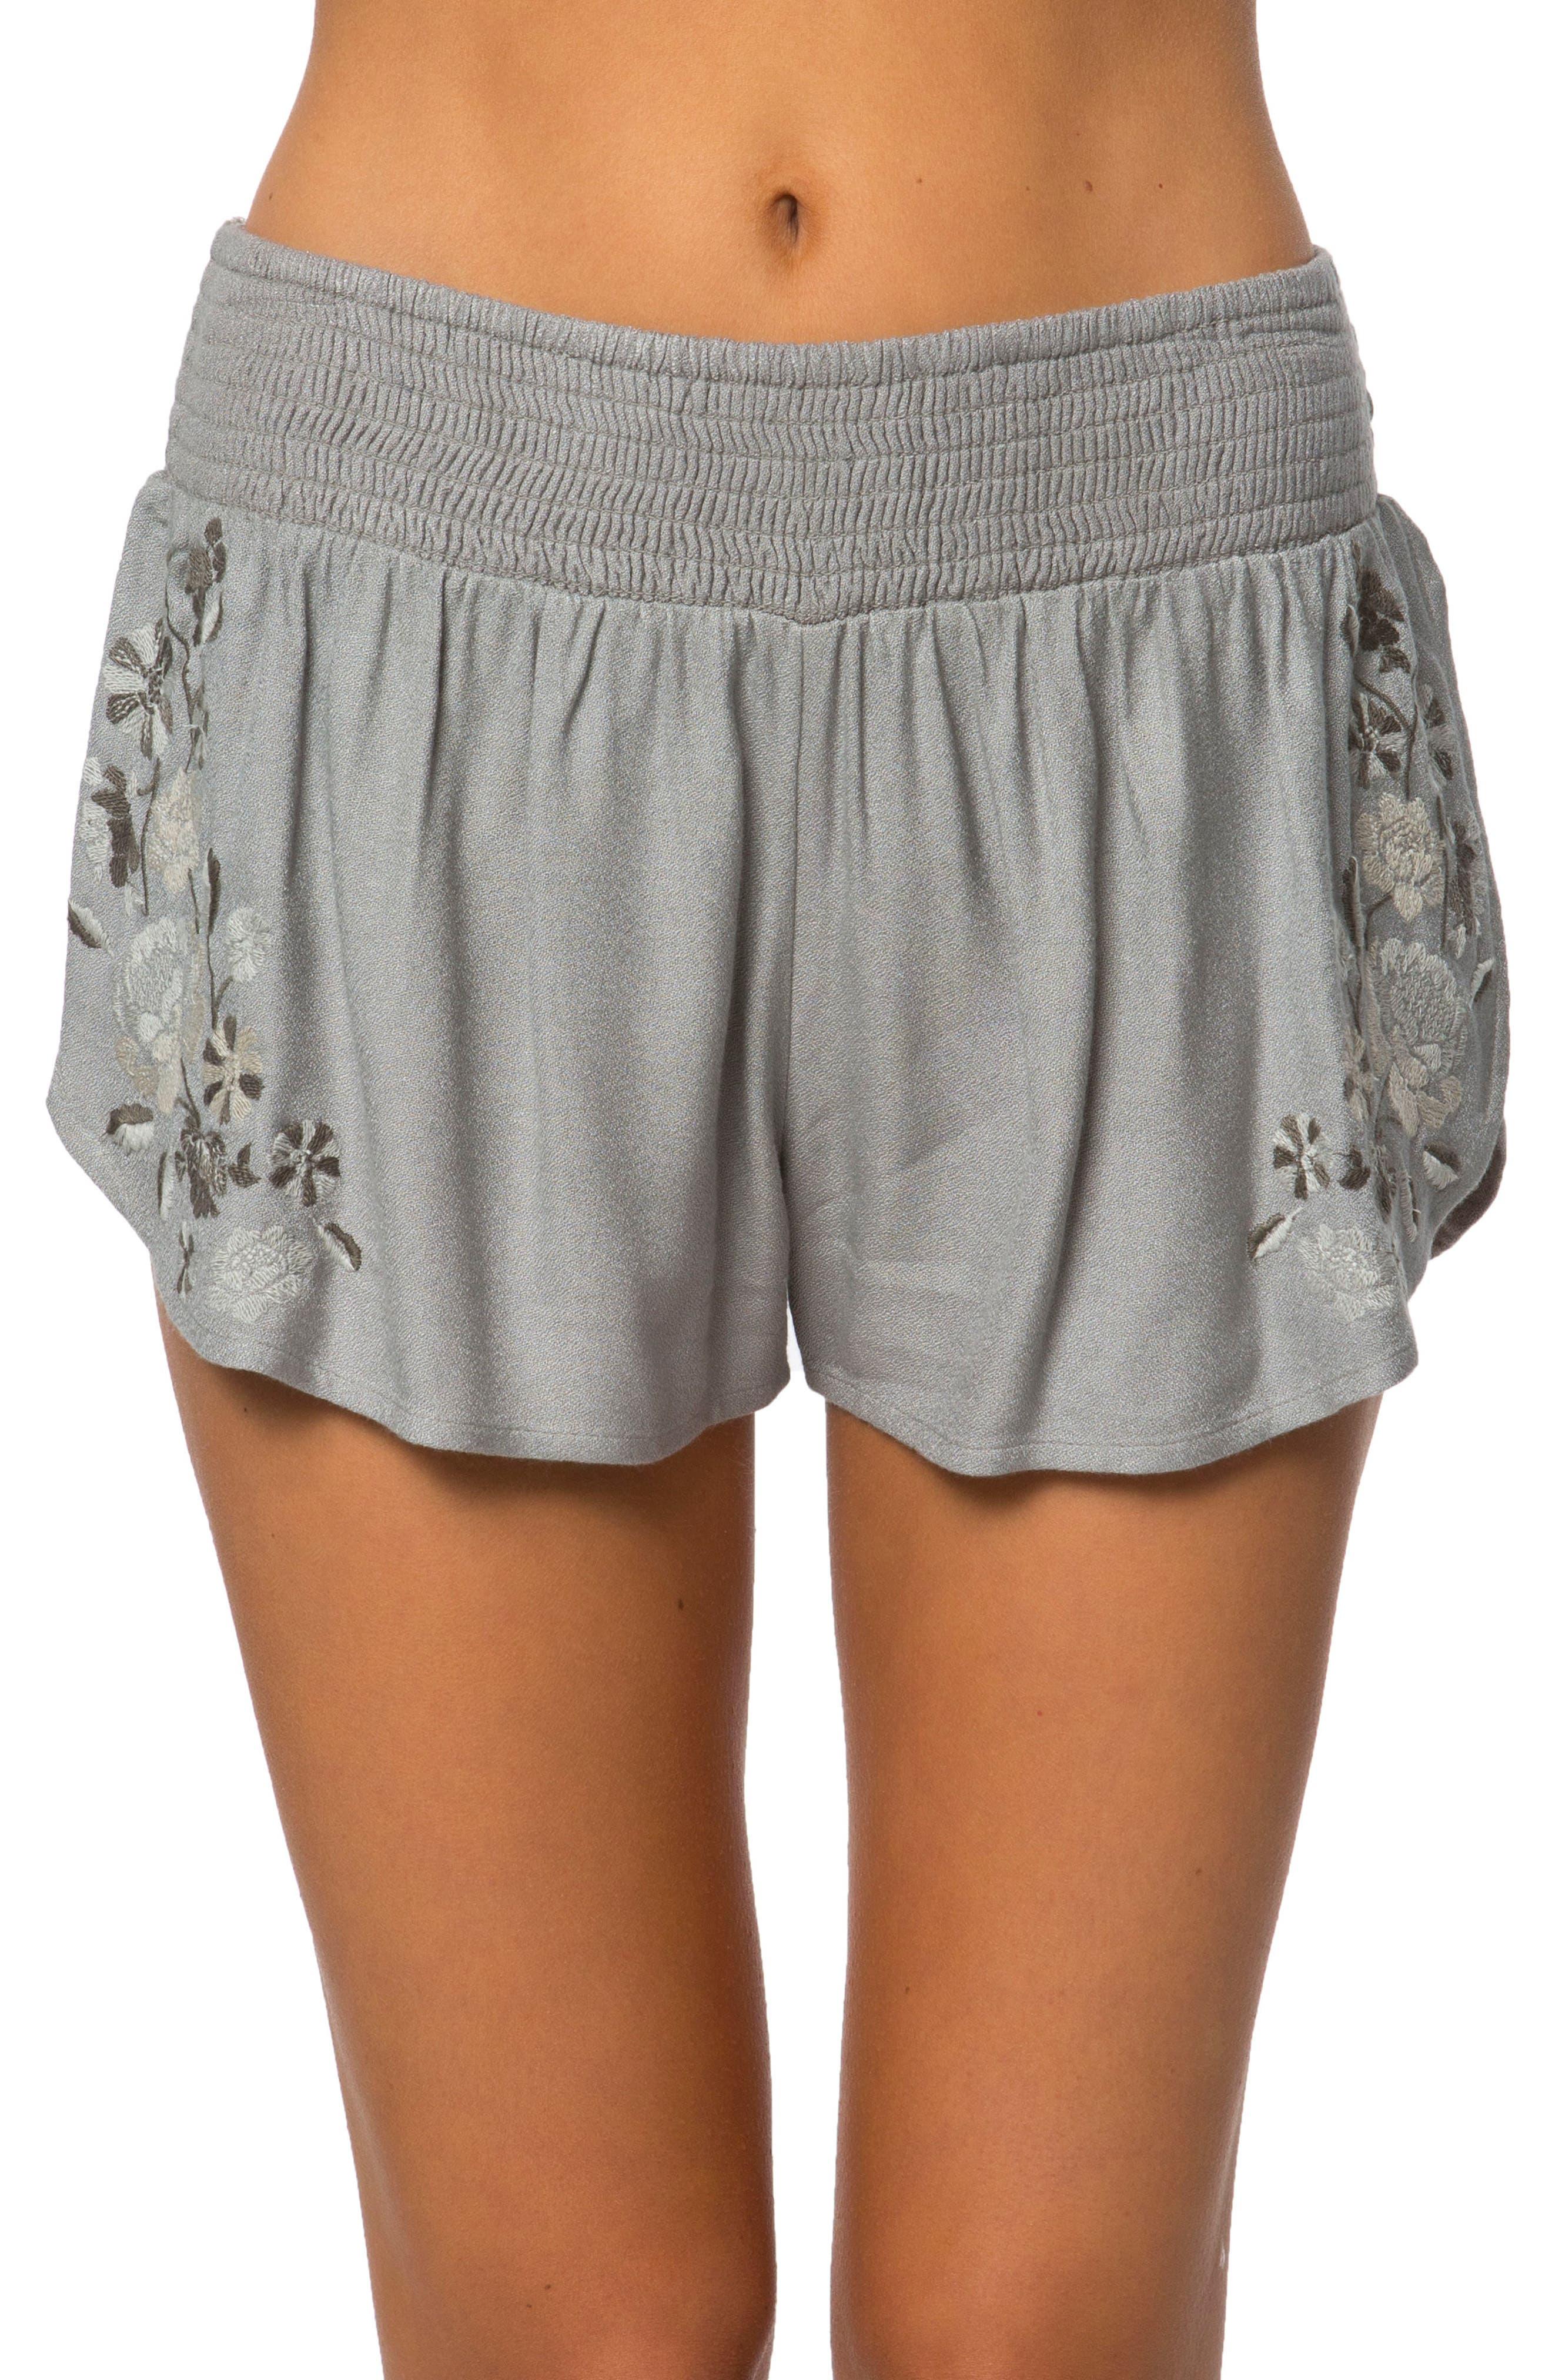 Maui Beach Shorts,                             Main thumbnail 1, color,                             Grey